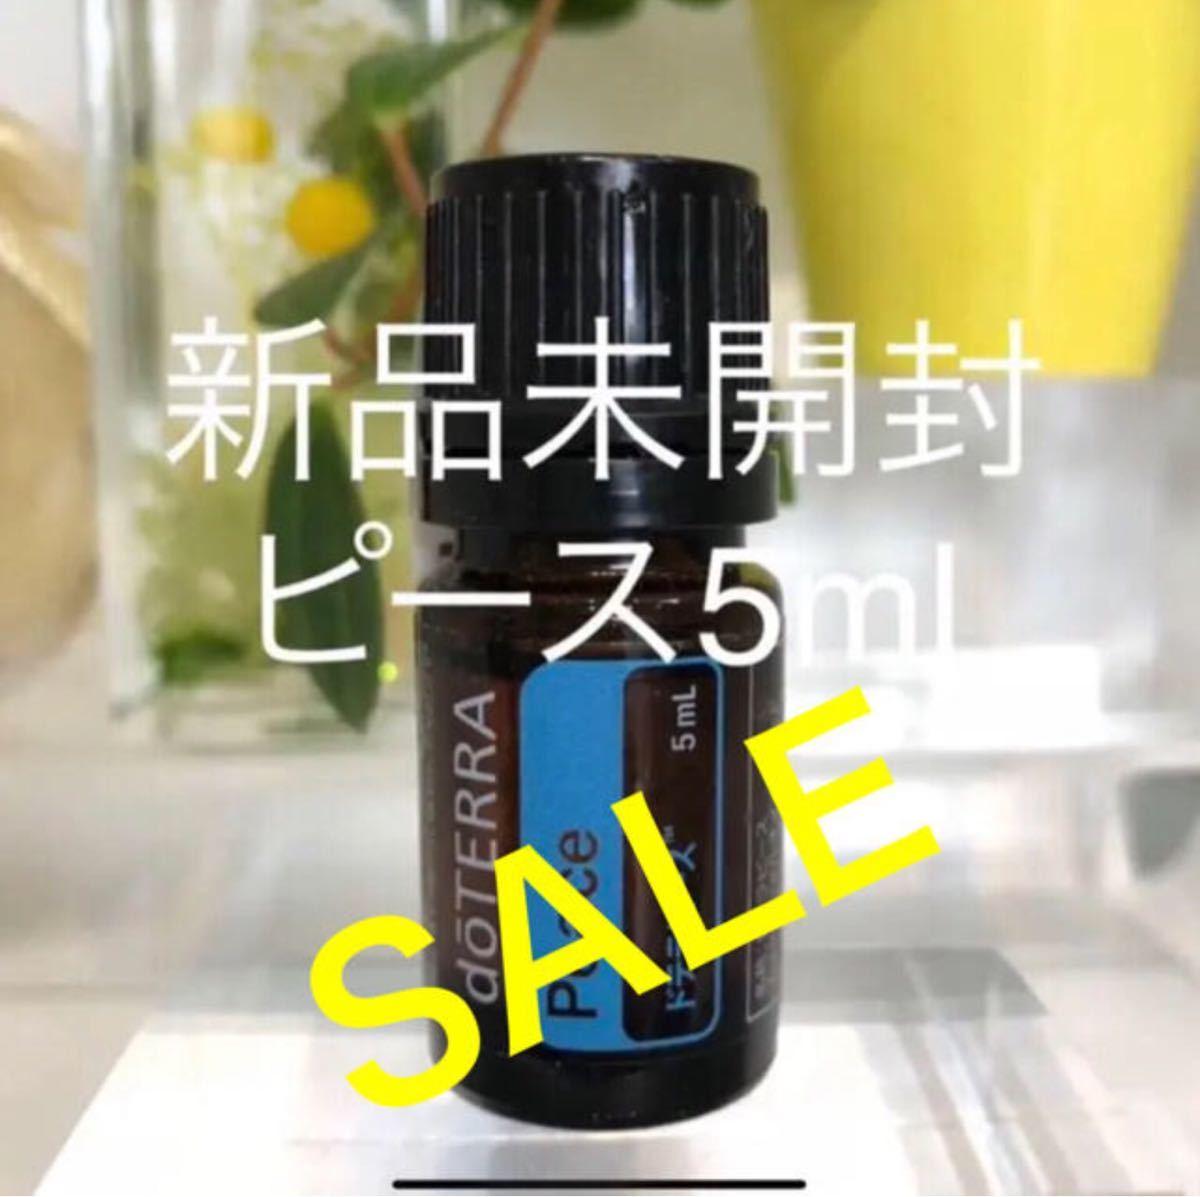 ドテラ ピース5ml★新品未開封★正規品★